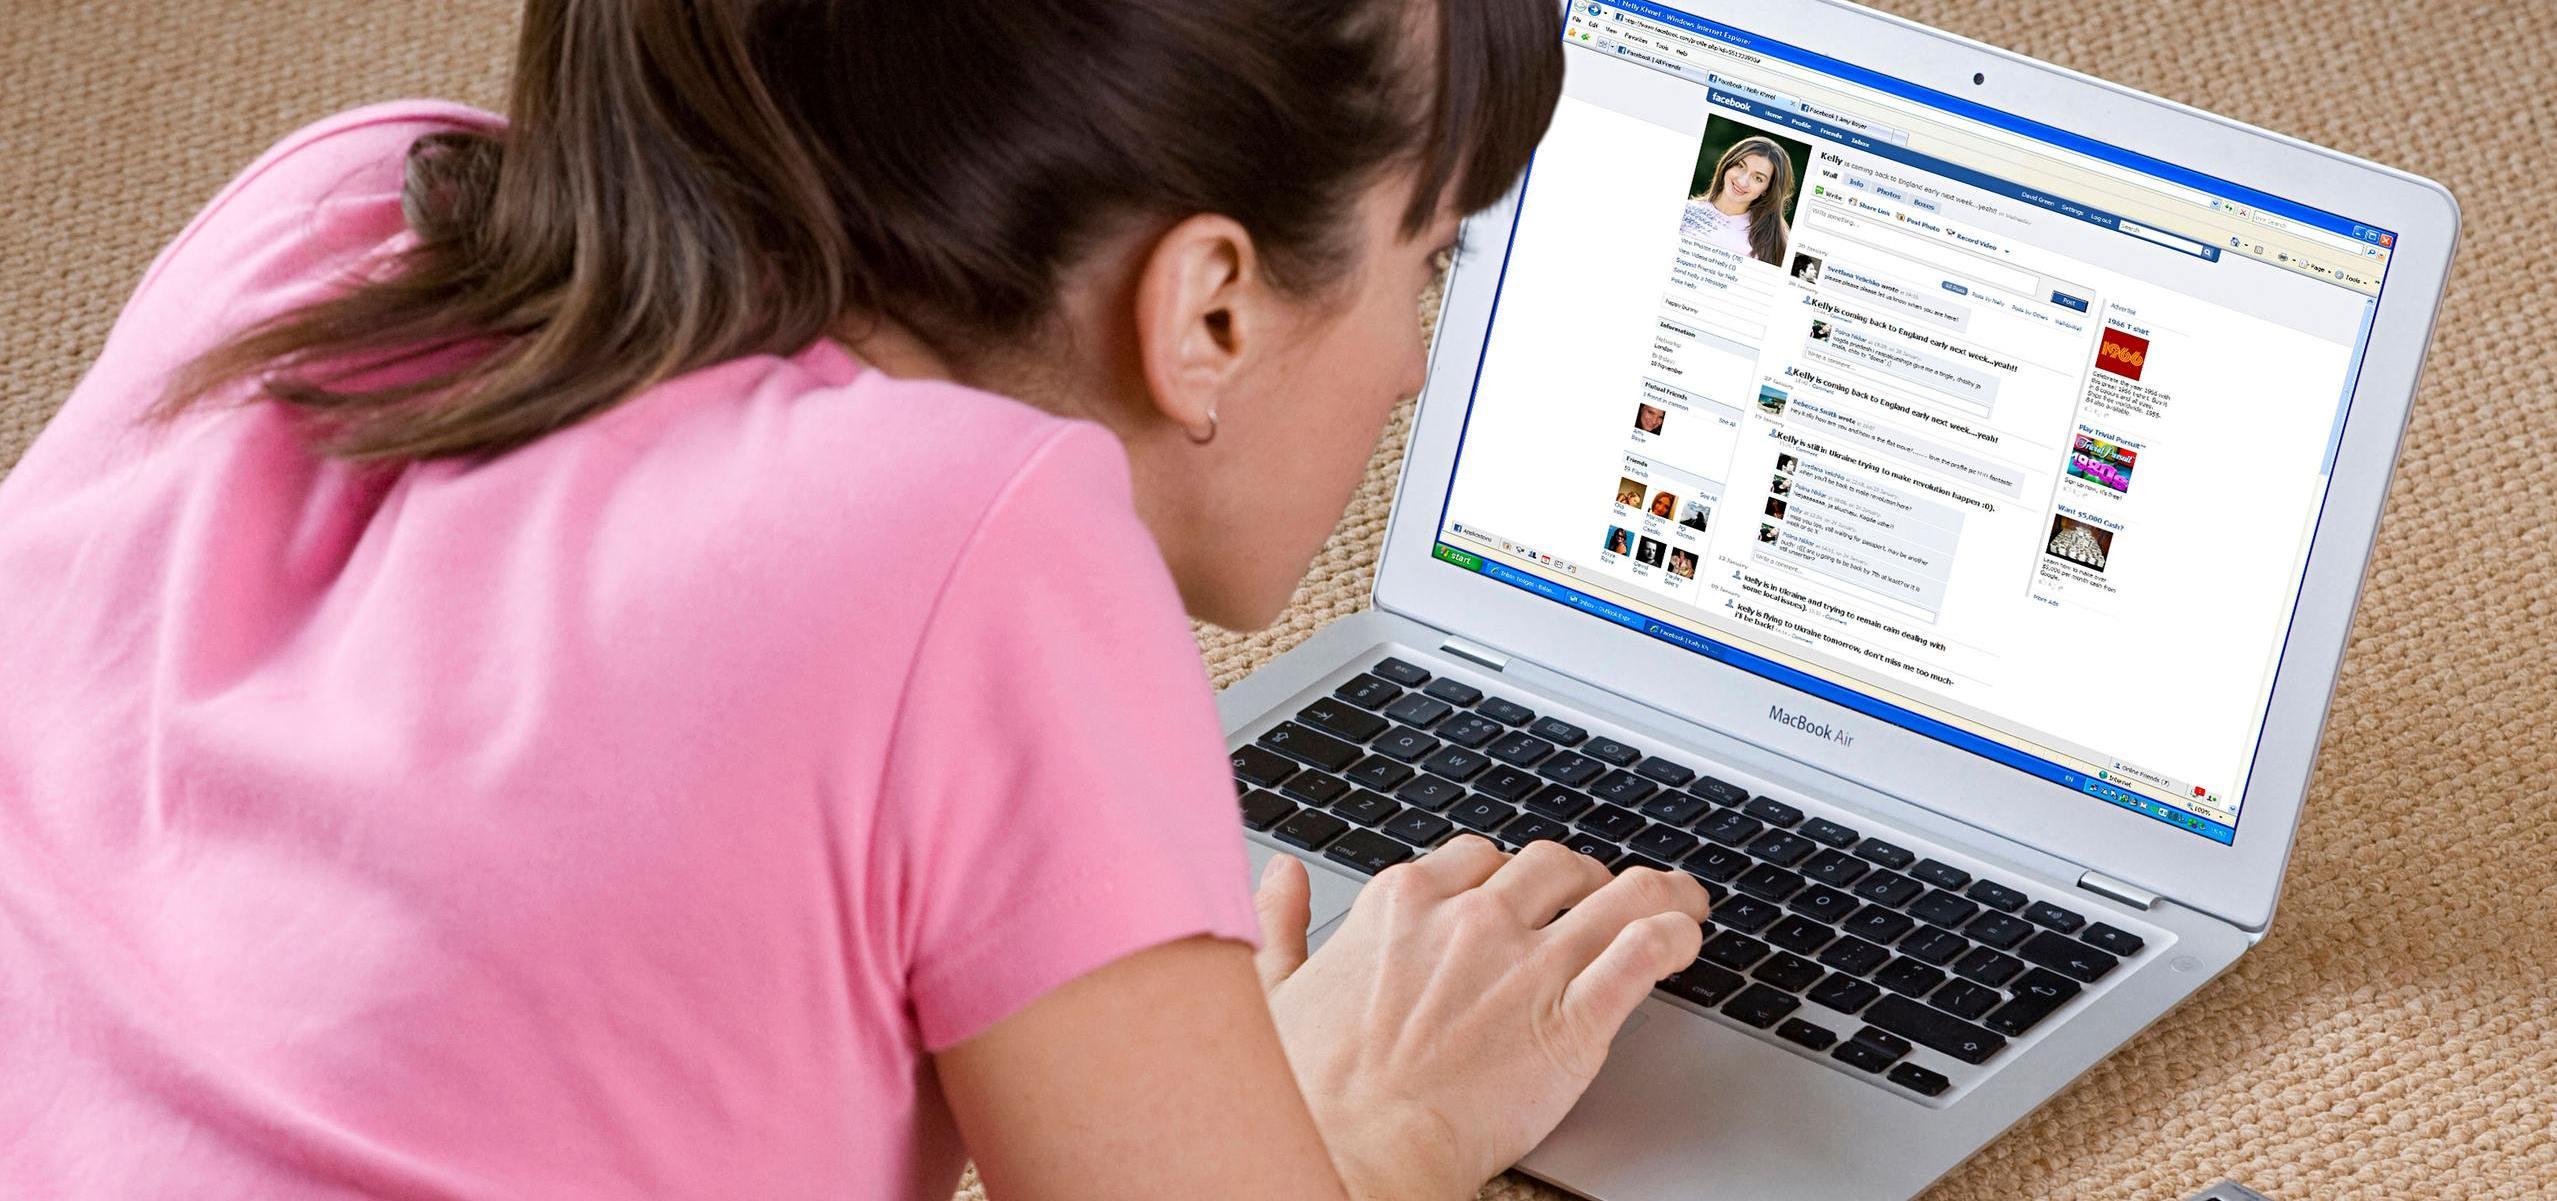 Twoje dane są w rękach niepowołanych firm? Sprawdź, jak je usunąć! apps Mediarun Com Kobiety Facebook